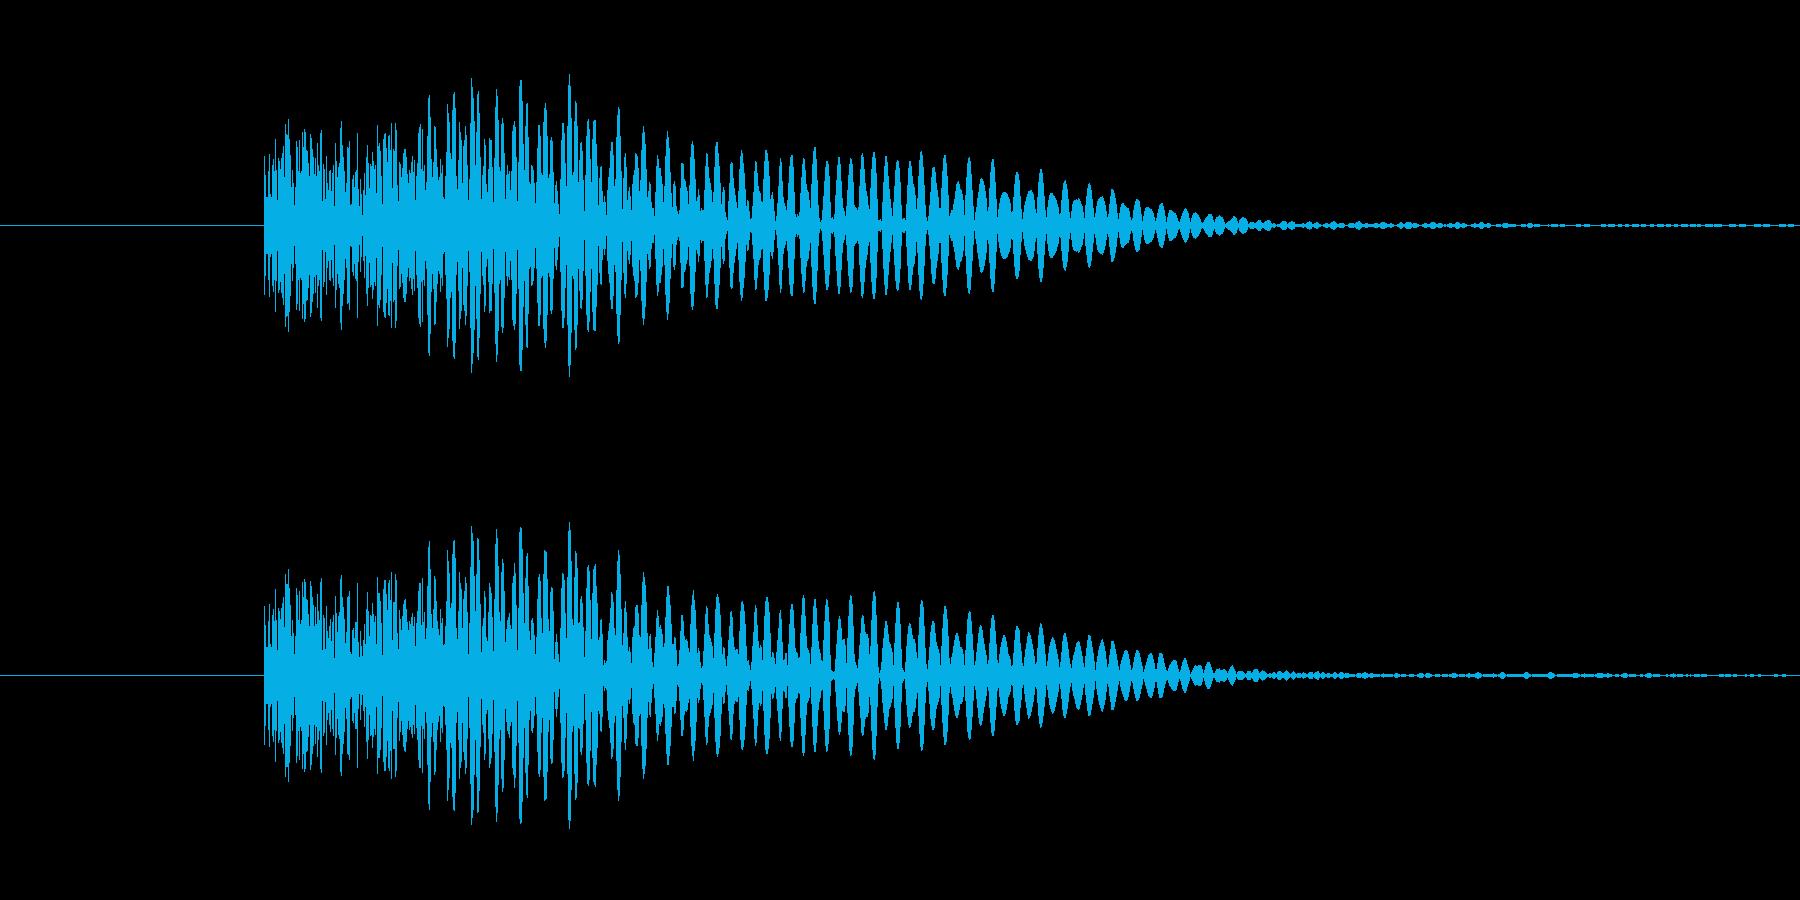 ヘヴィメタ風 ブリッジミュート音2の再生済みの波形